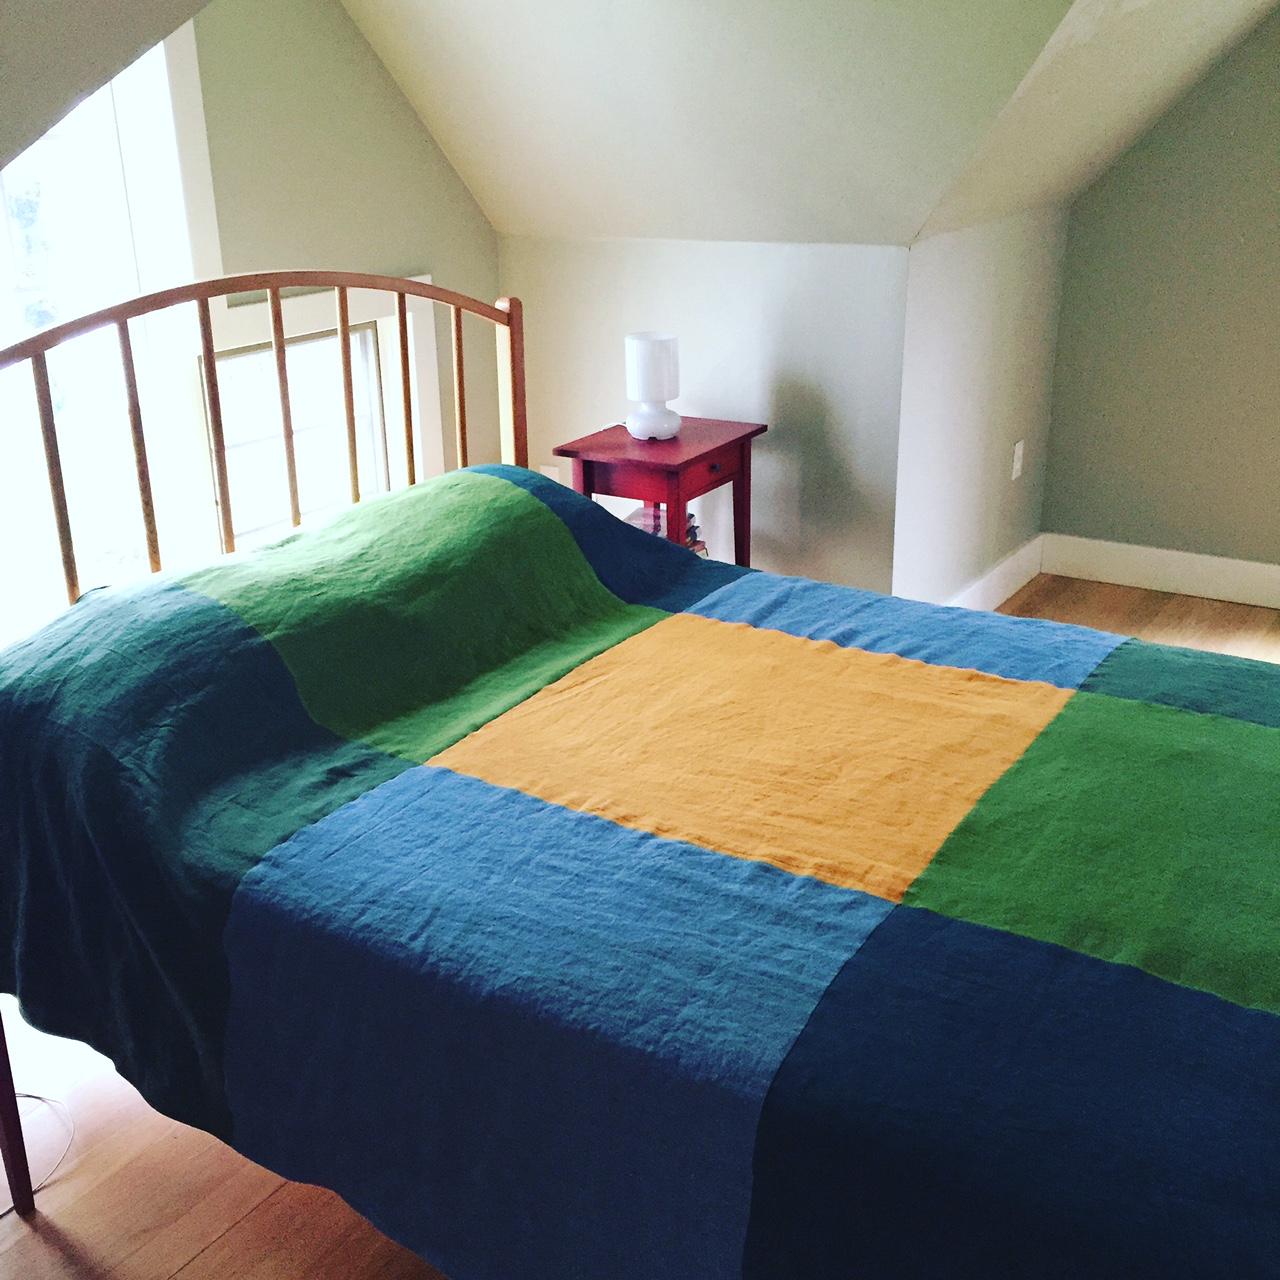 linen blanket.JPG